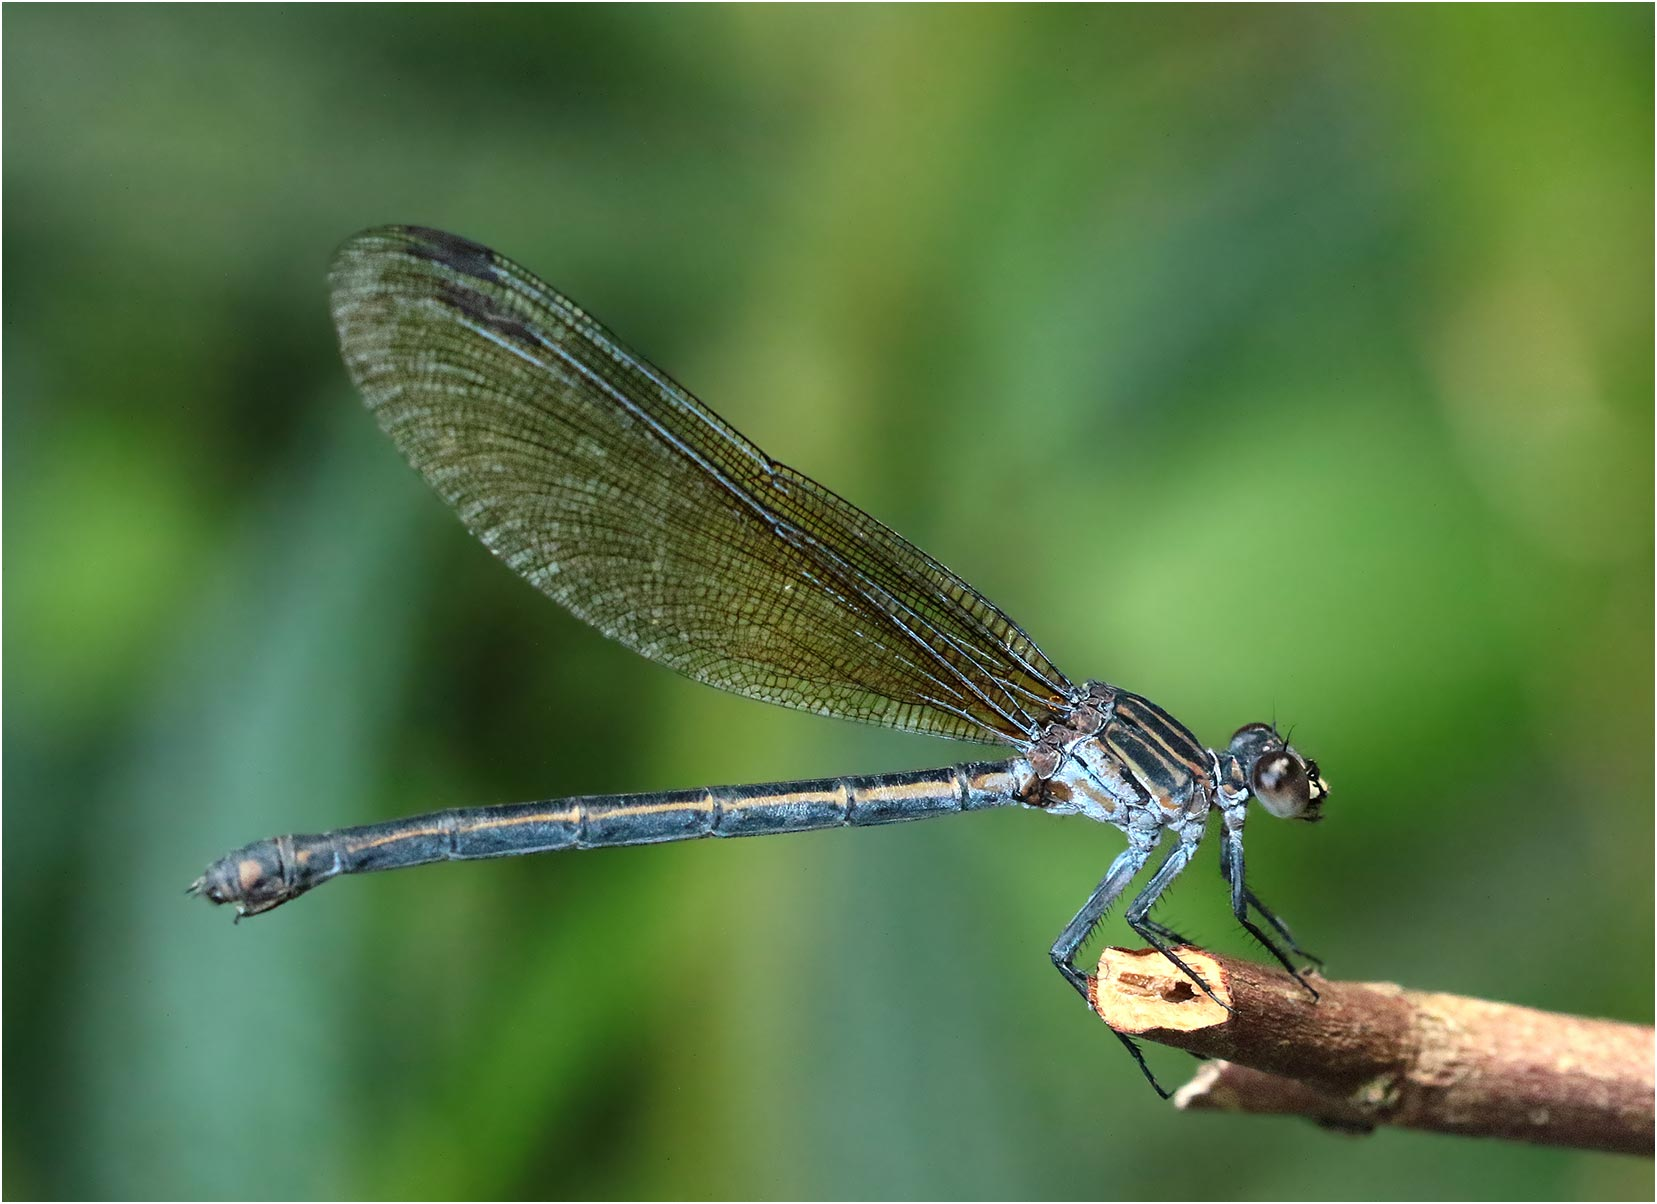 Euphaea decorata femelle, Vietnam, Xuan Son, 08/06/2018